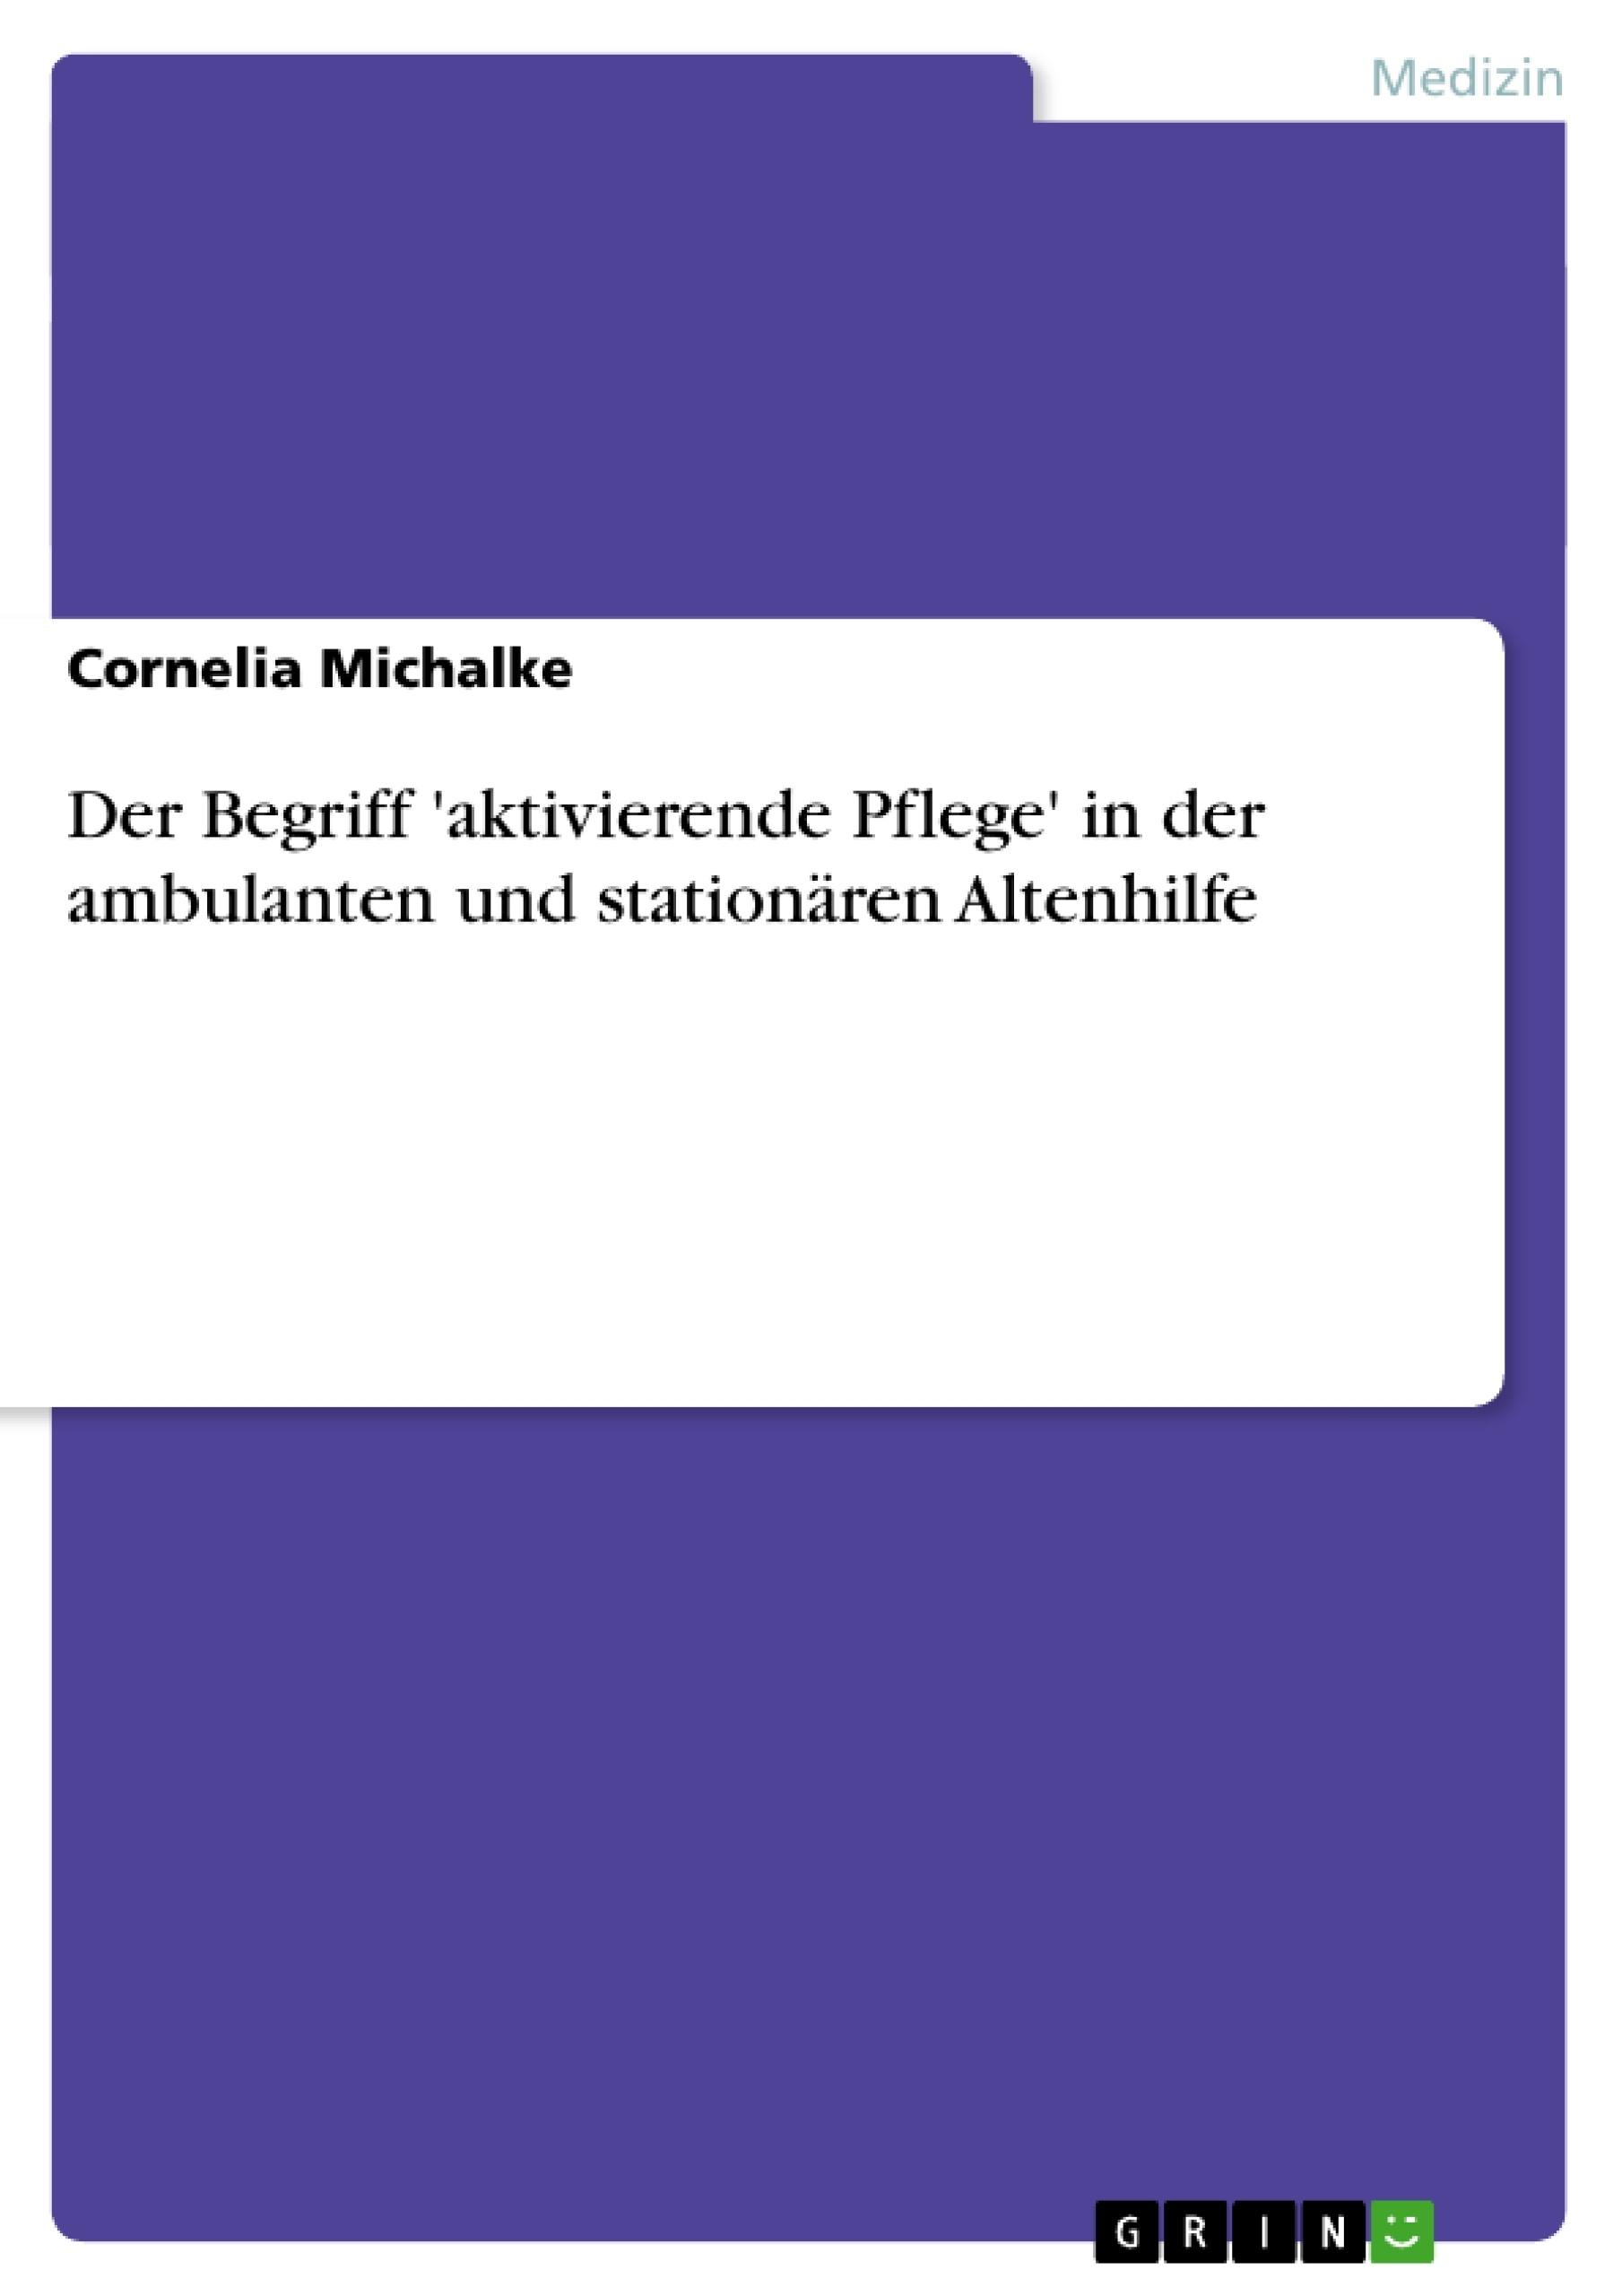 Titel: Der Begriff 'aktivierende Pflege' in der ambulanten und stationären Altenhilfe